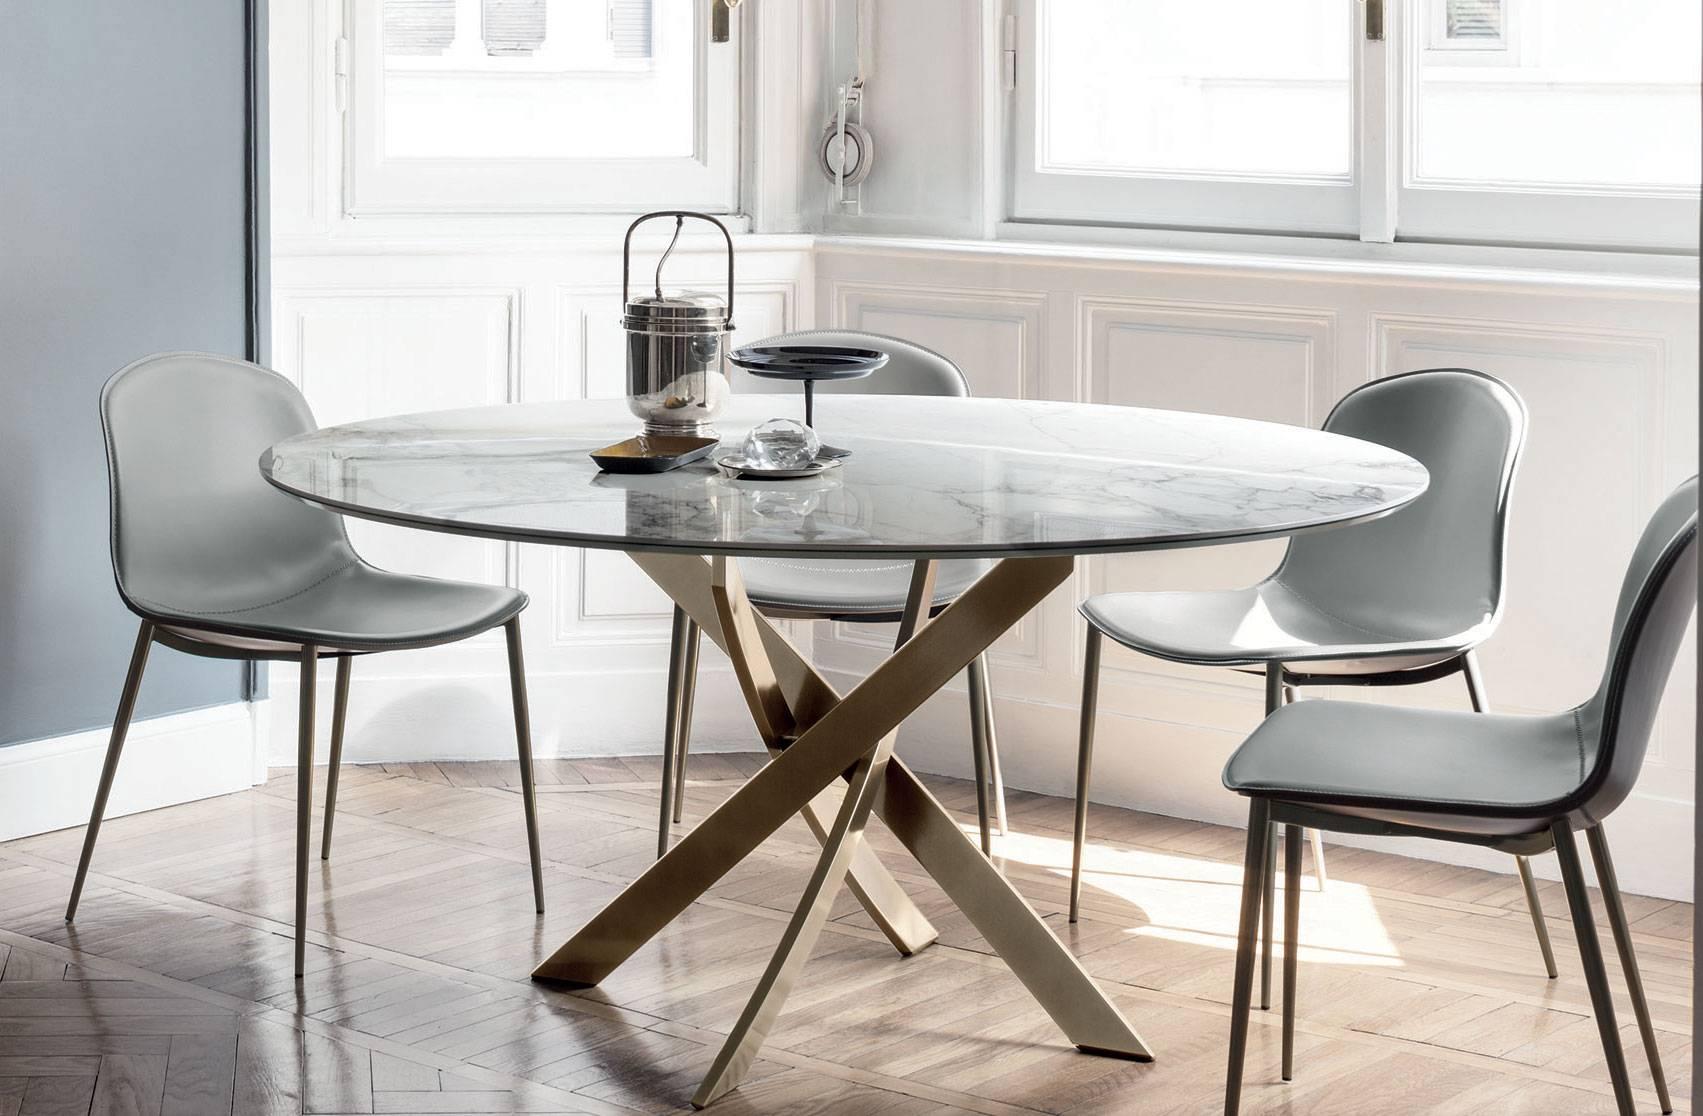 Стол со стеклянной столешницей: какой выбрать, отзывы покупателей